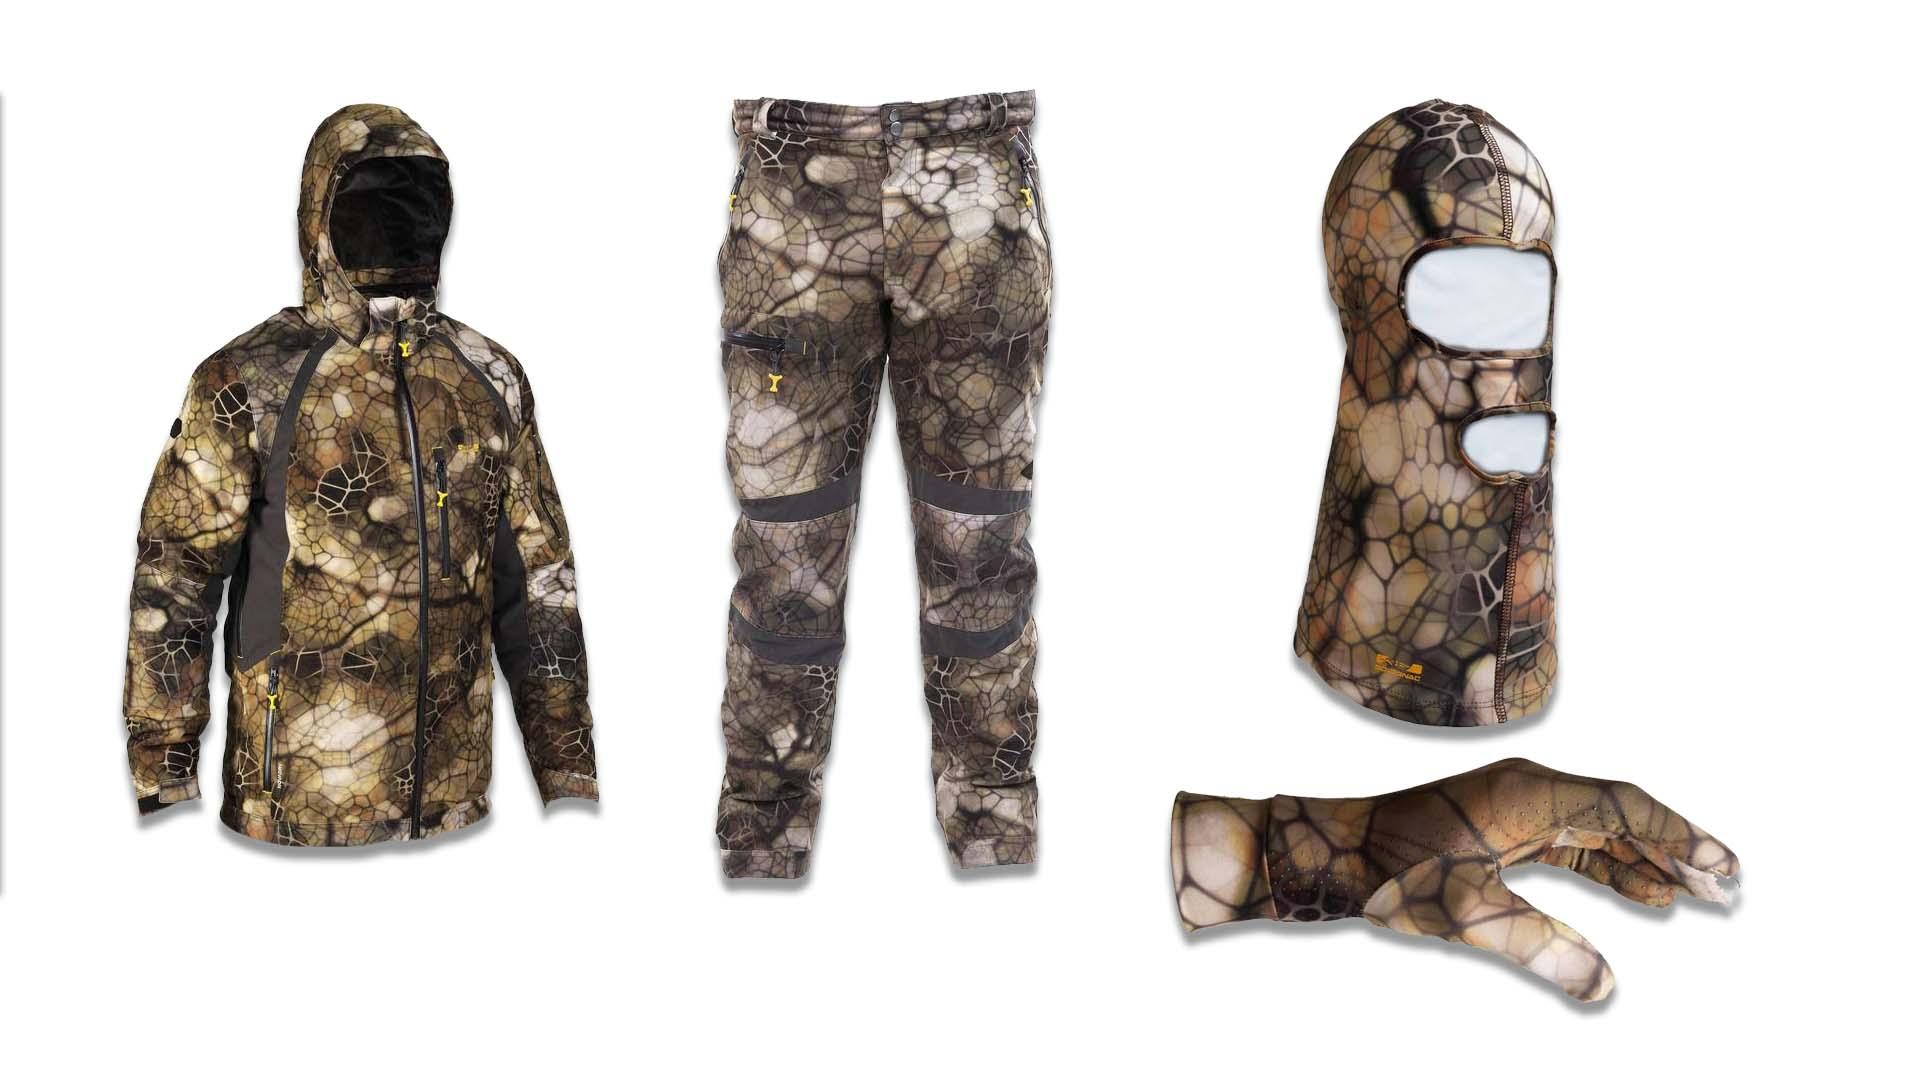 Pantalón y chaqueta impermeable, guantes y pasamontañas de camuflaje 3d de Decathlon para la caza del corzo.